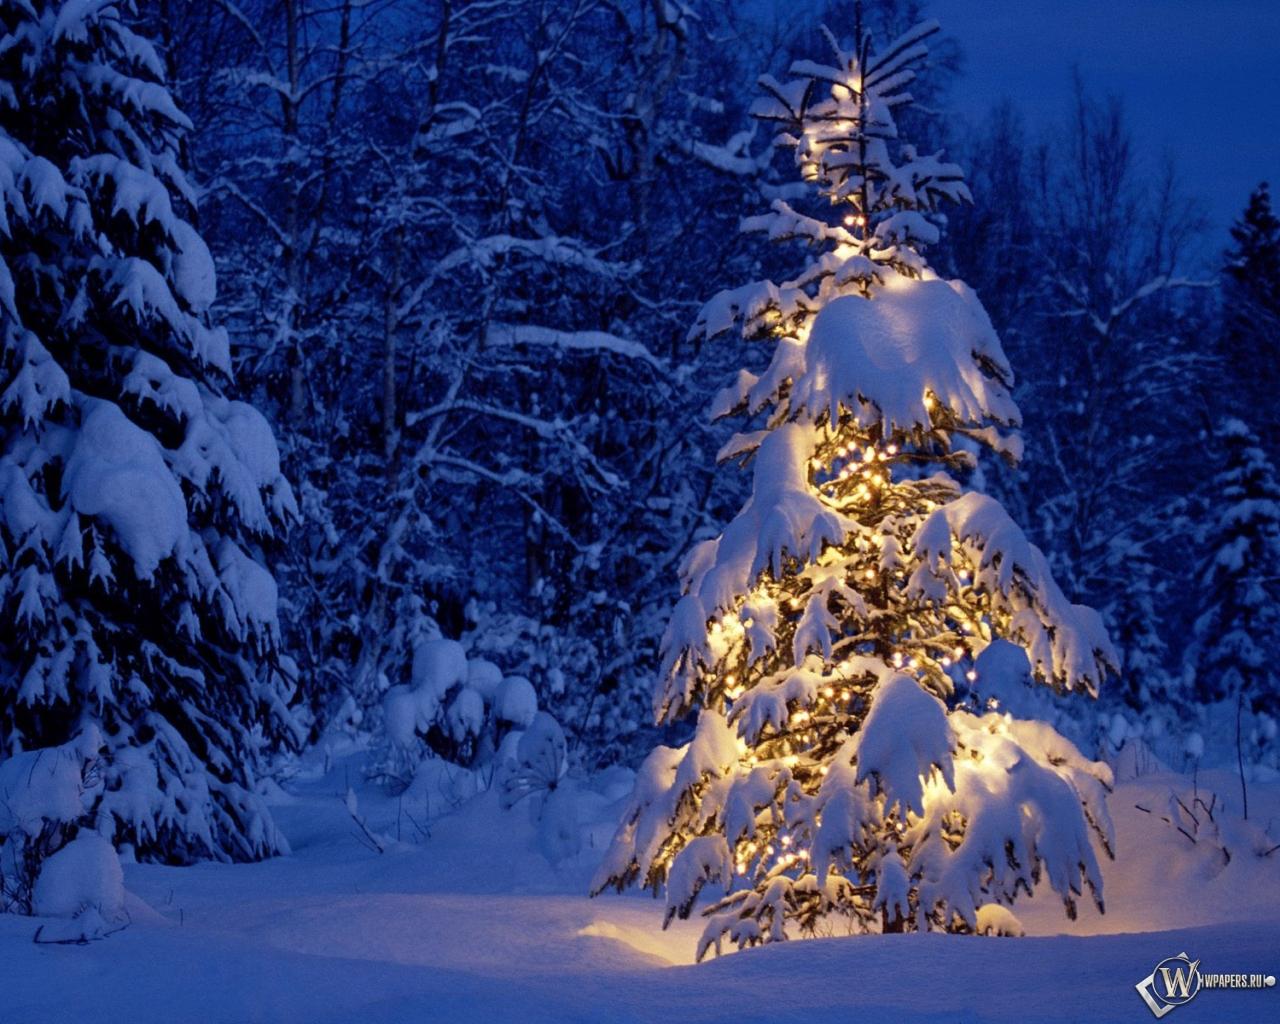 Елка в снежном лесу